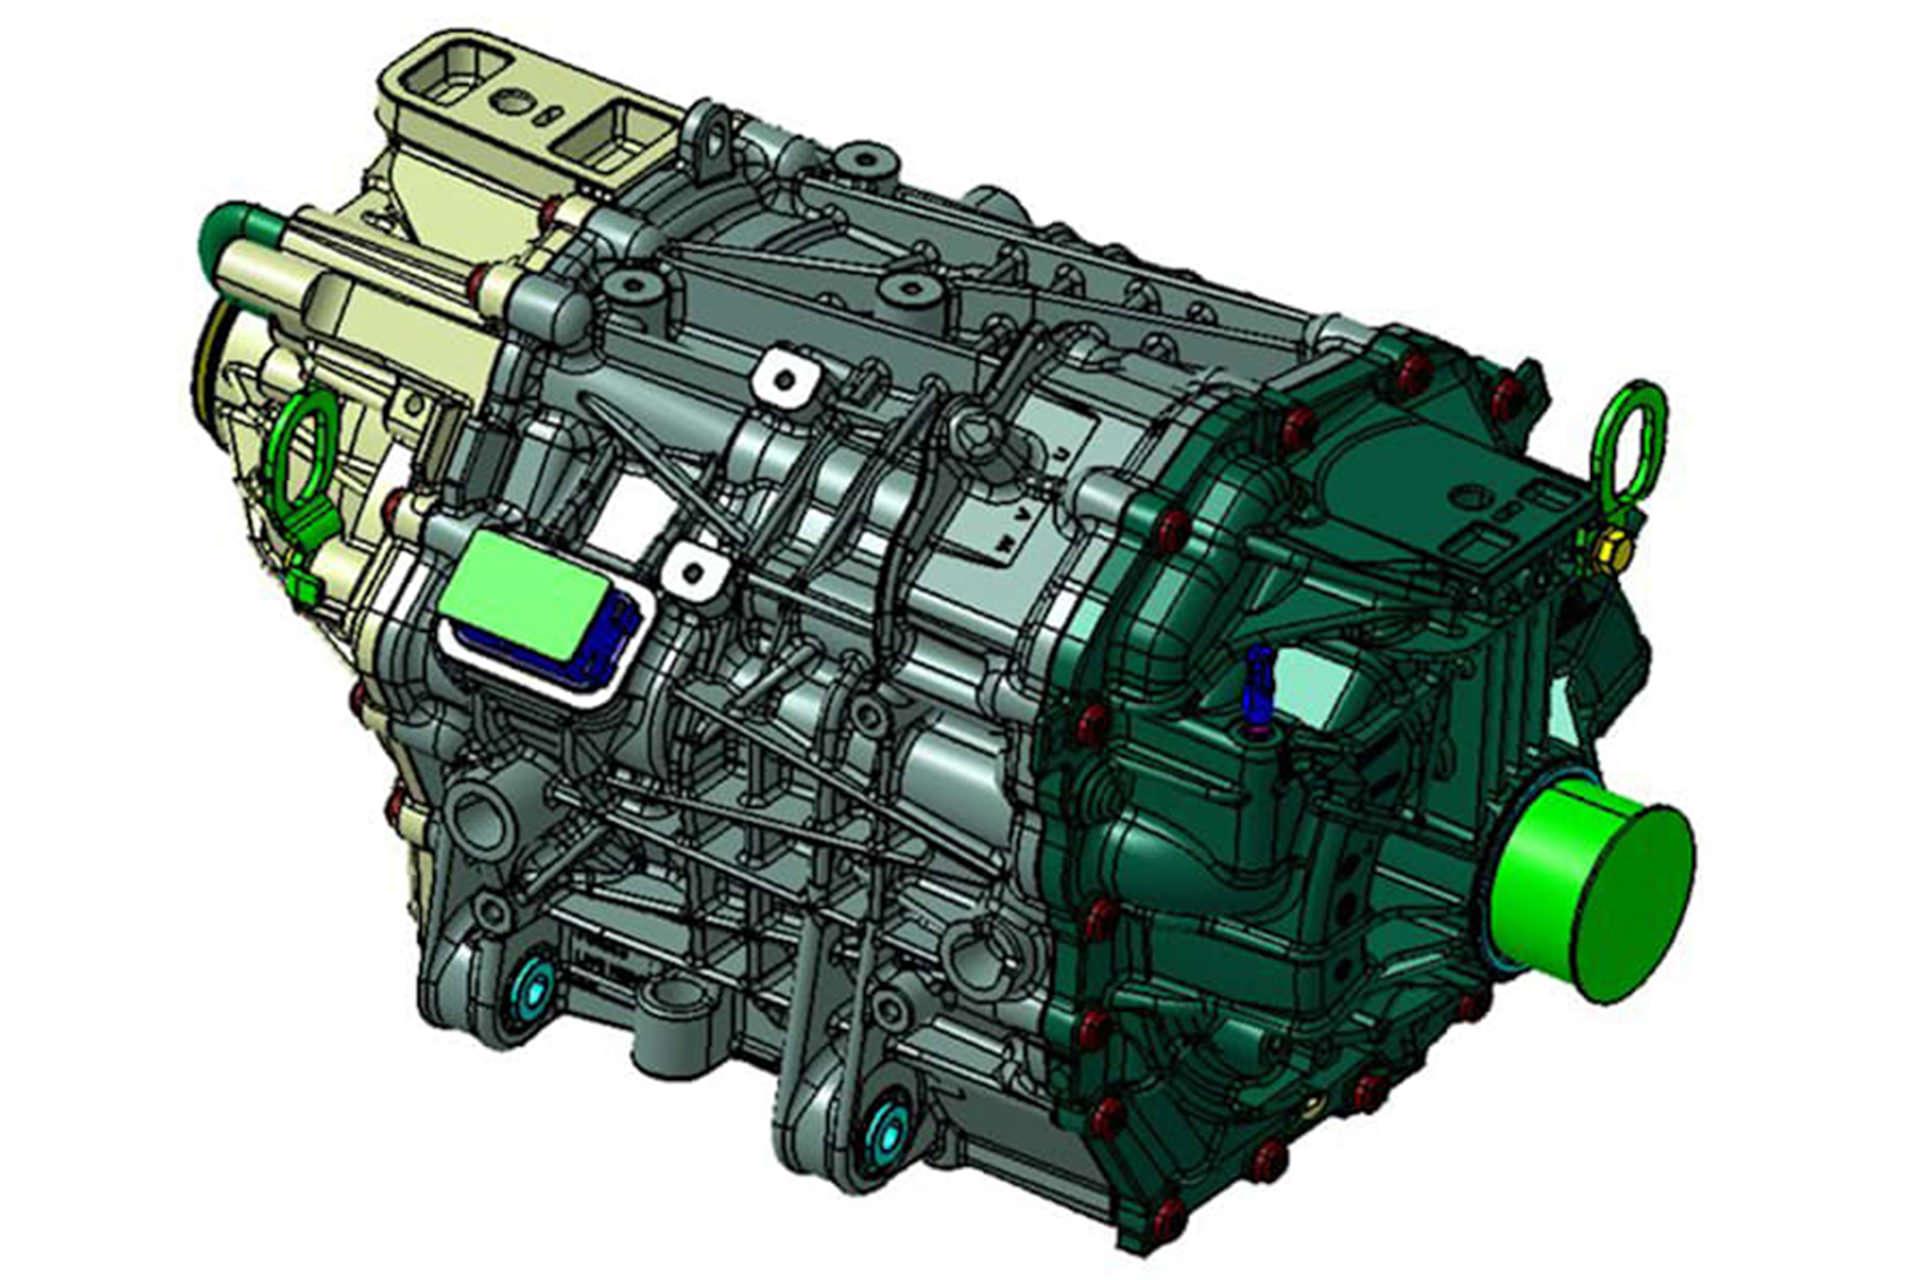 پیشرانه برقی فورد الومینیتور برای فروش به دیگر خودروسازان معرفی شد